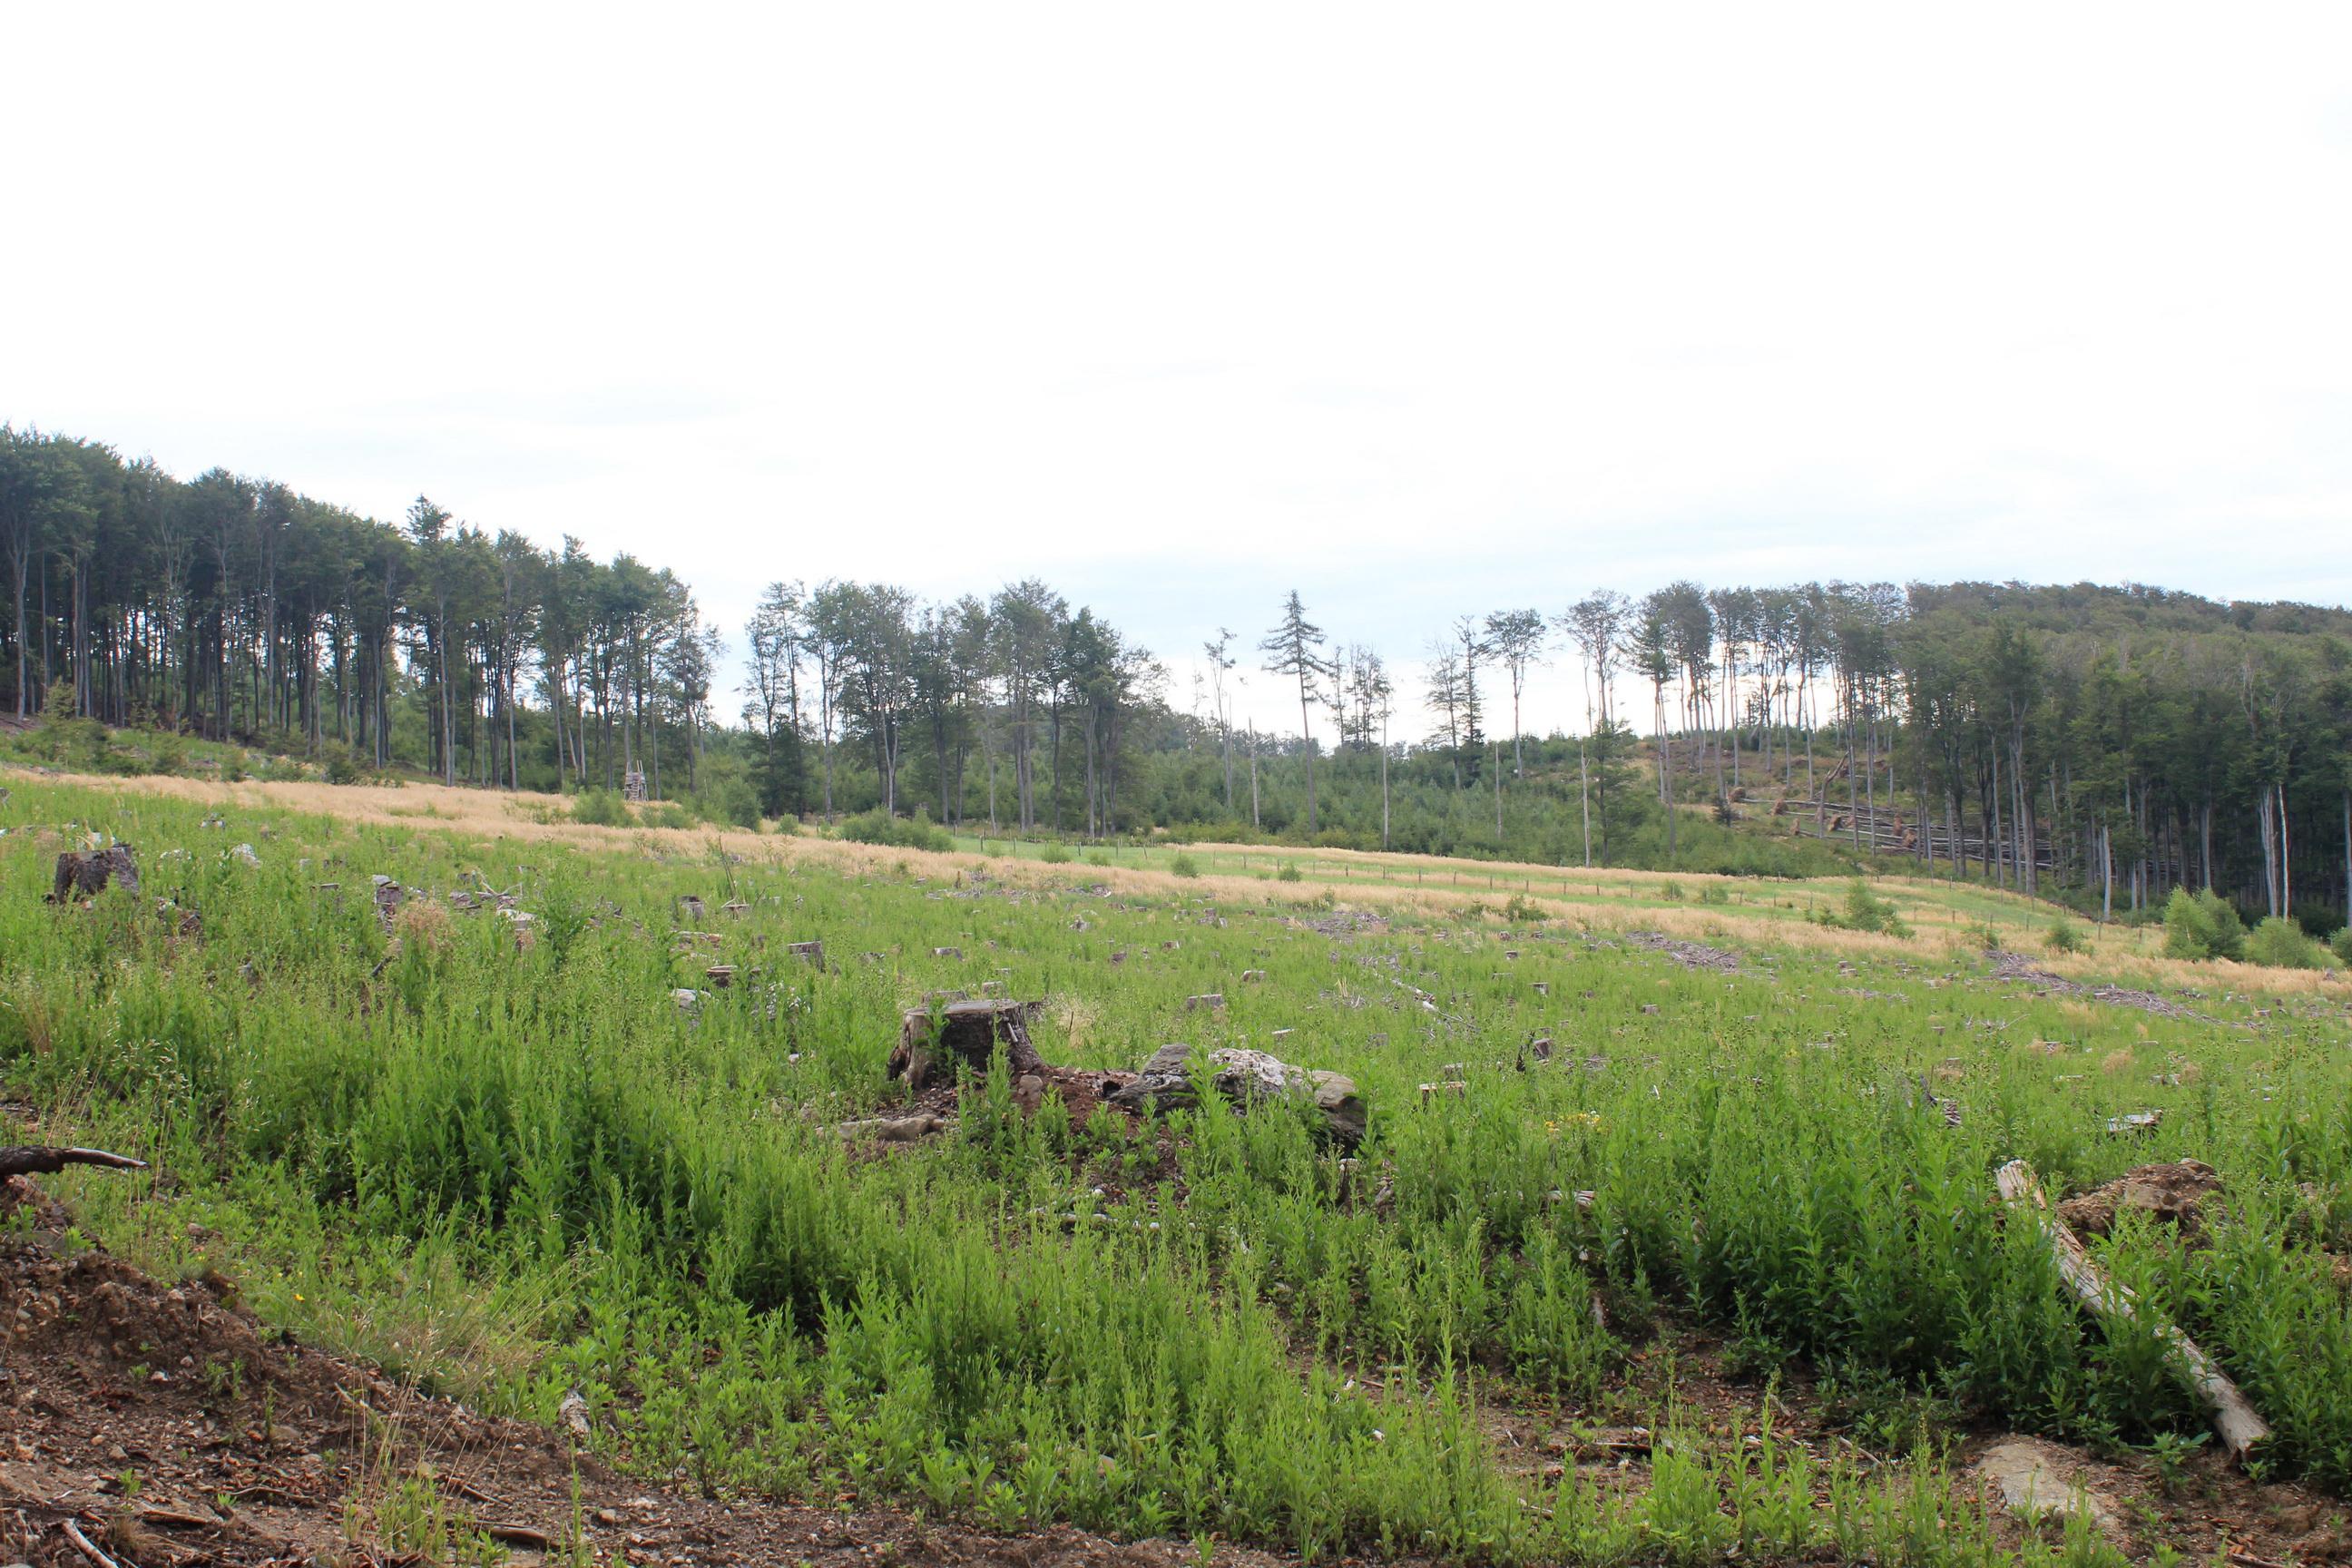 Ezt a területet - a kék kereszt jelzés kezdetének közelében - tarra vágták. (Fotó: Papp Géza, ddkektura.blog.hu)